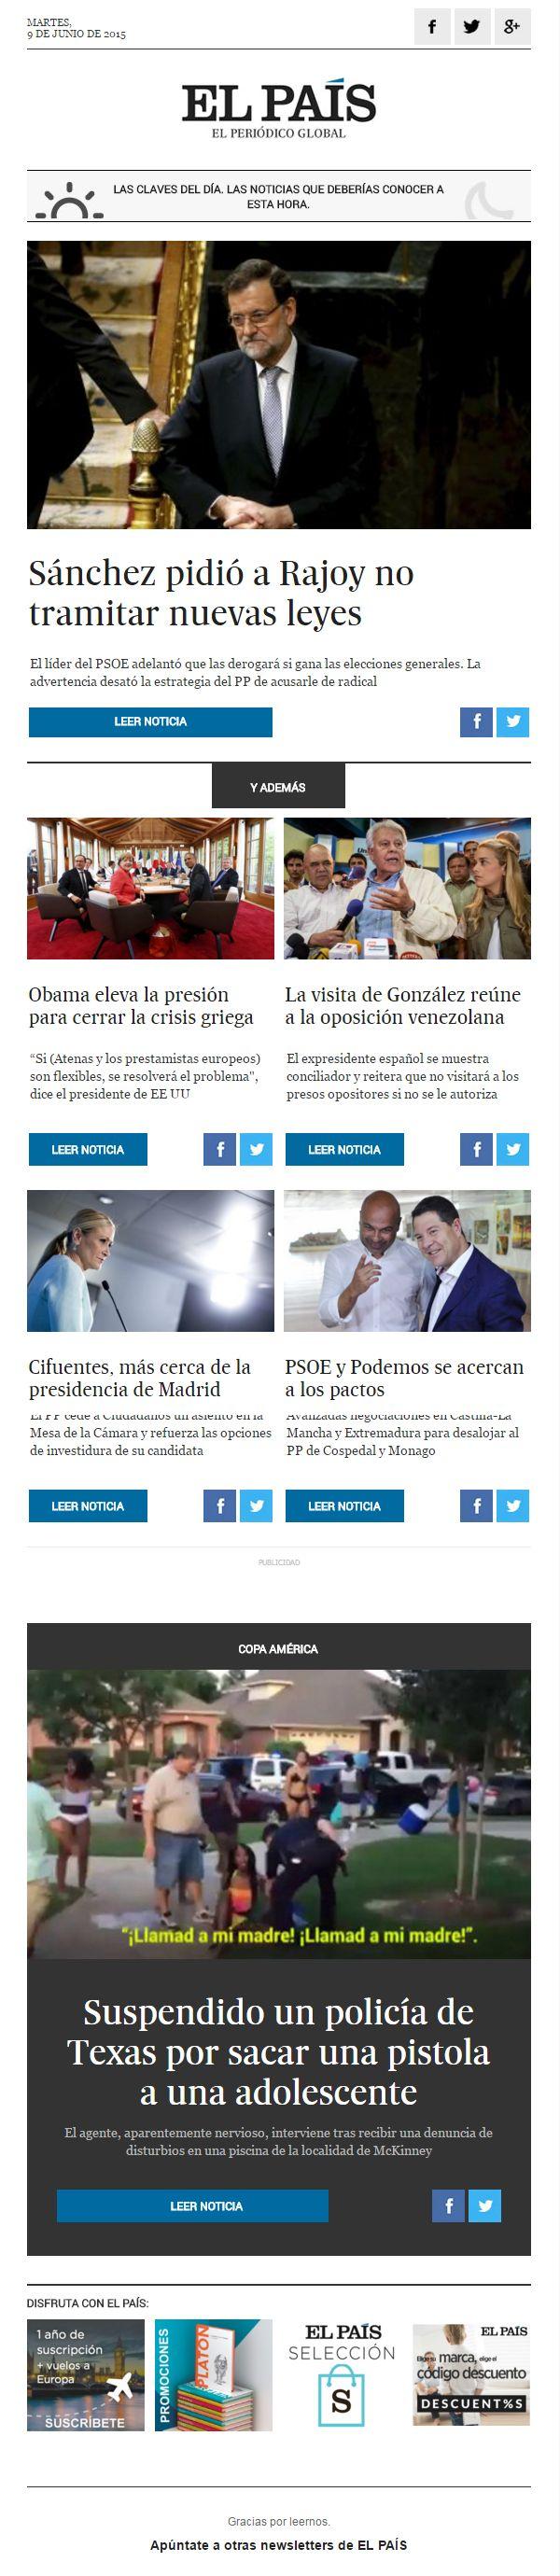 Newsletter El País